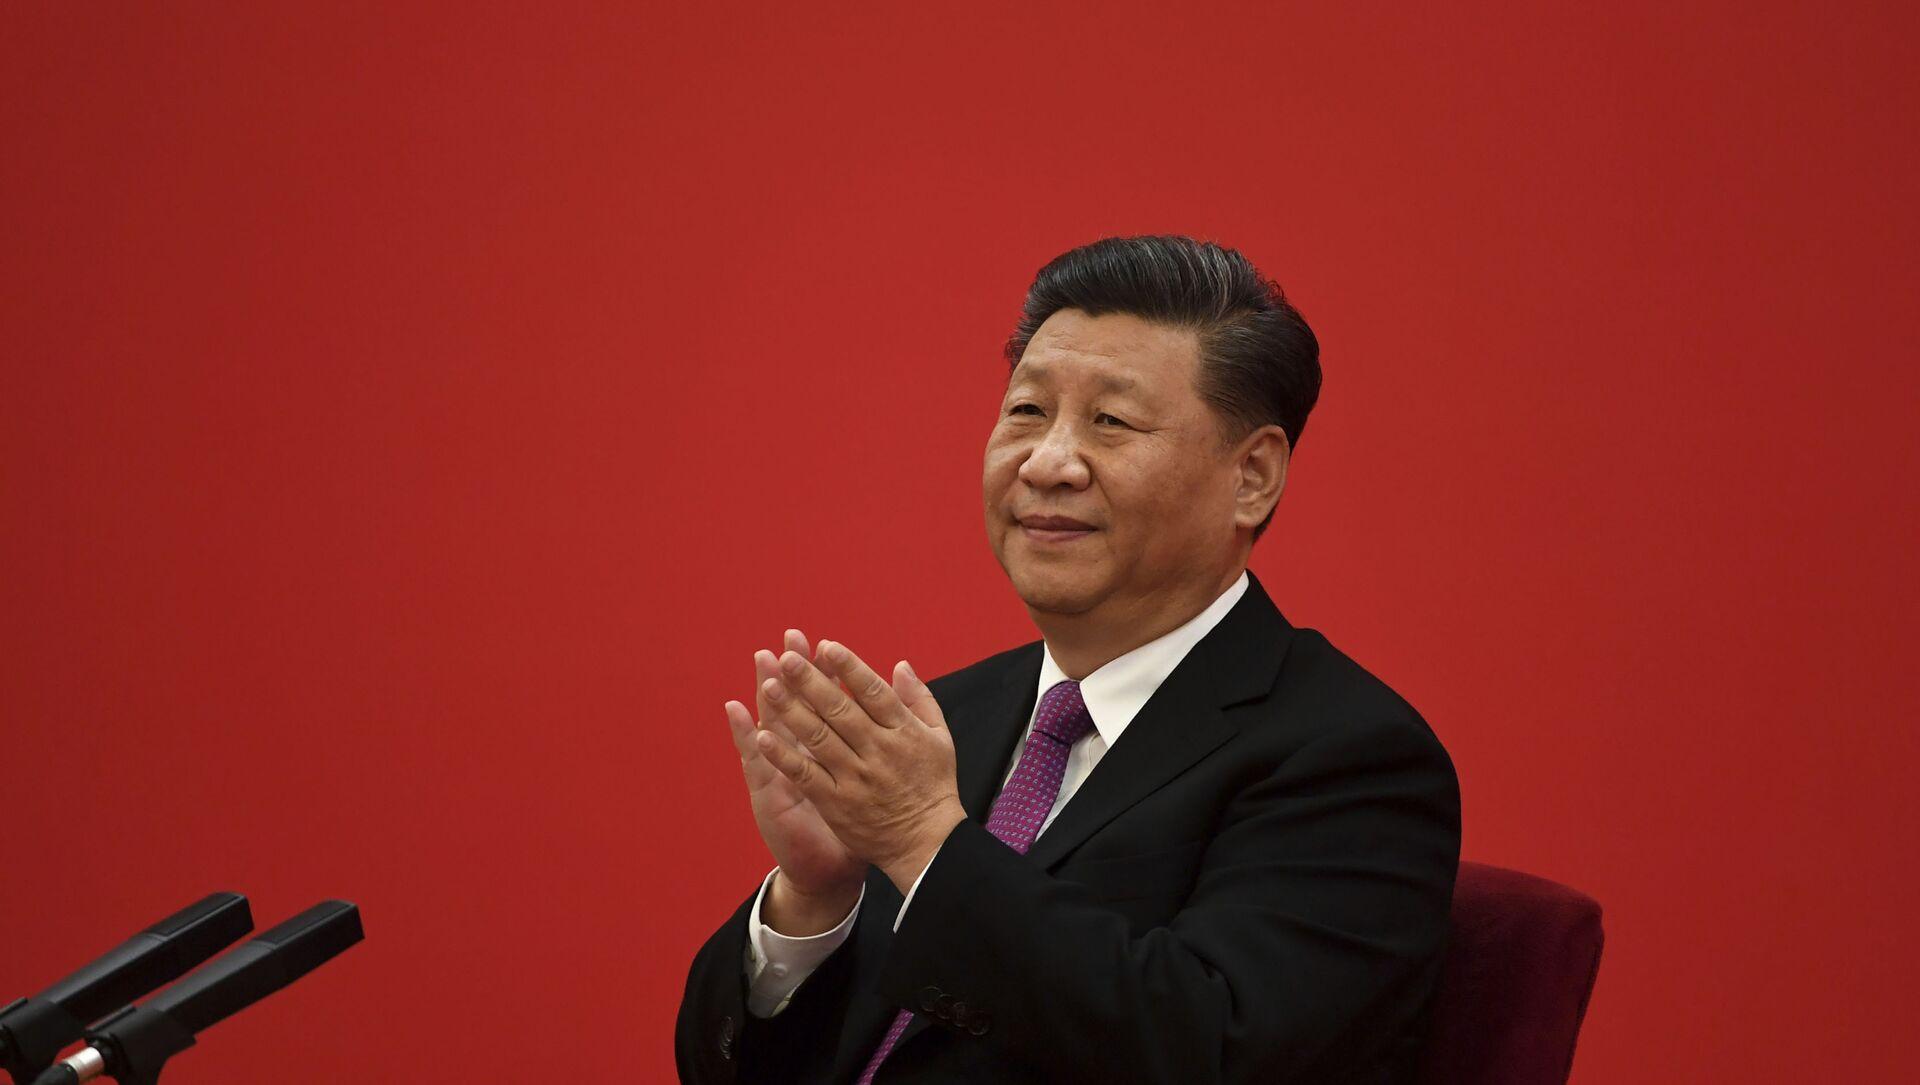 Chủ tịch Trung Quốc Tập Cận Bình trong buổi phát trực tuyến với Tổng thống Nga Putin. Lưu trữ ảnh - Sputnik Việt Nam, 1920, 18.08.2021